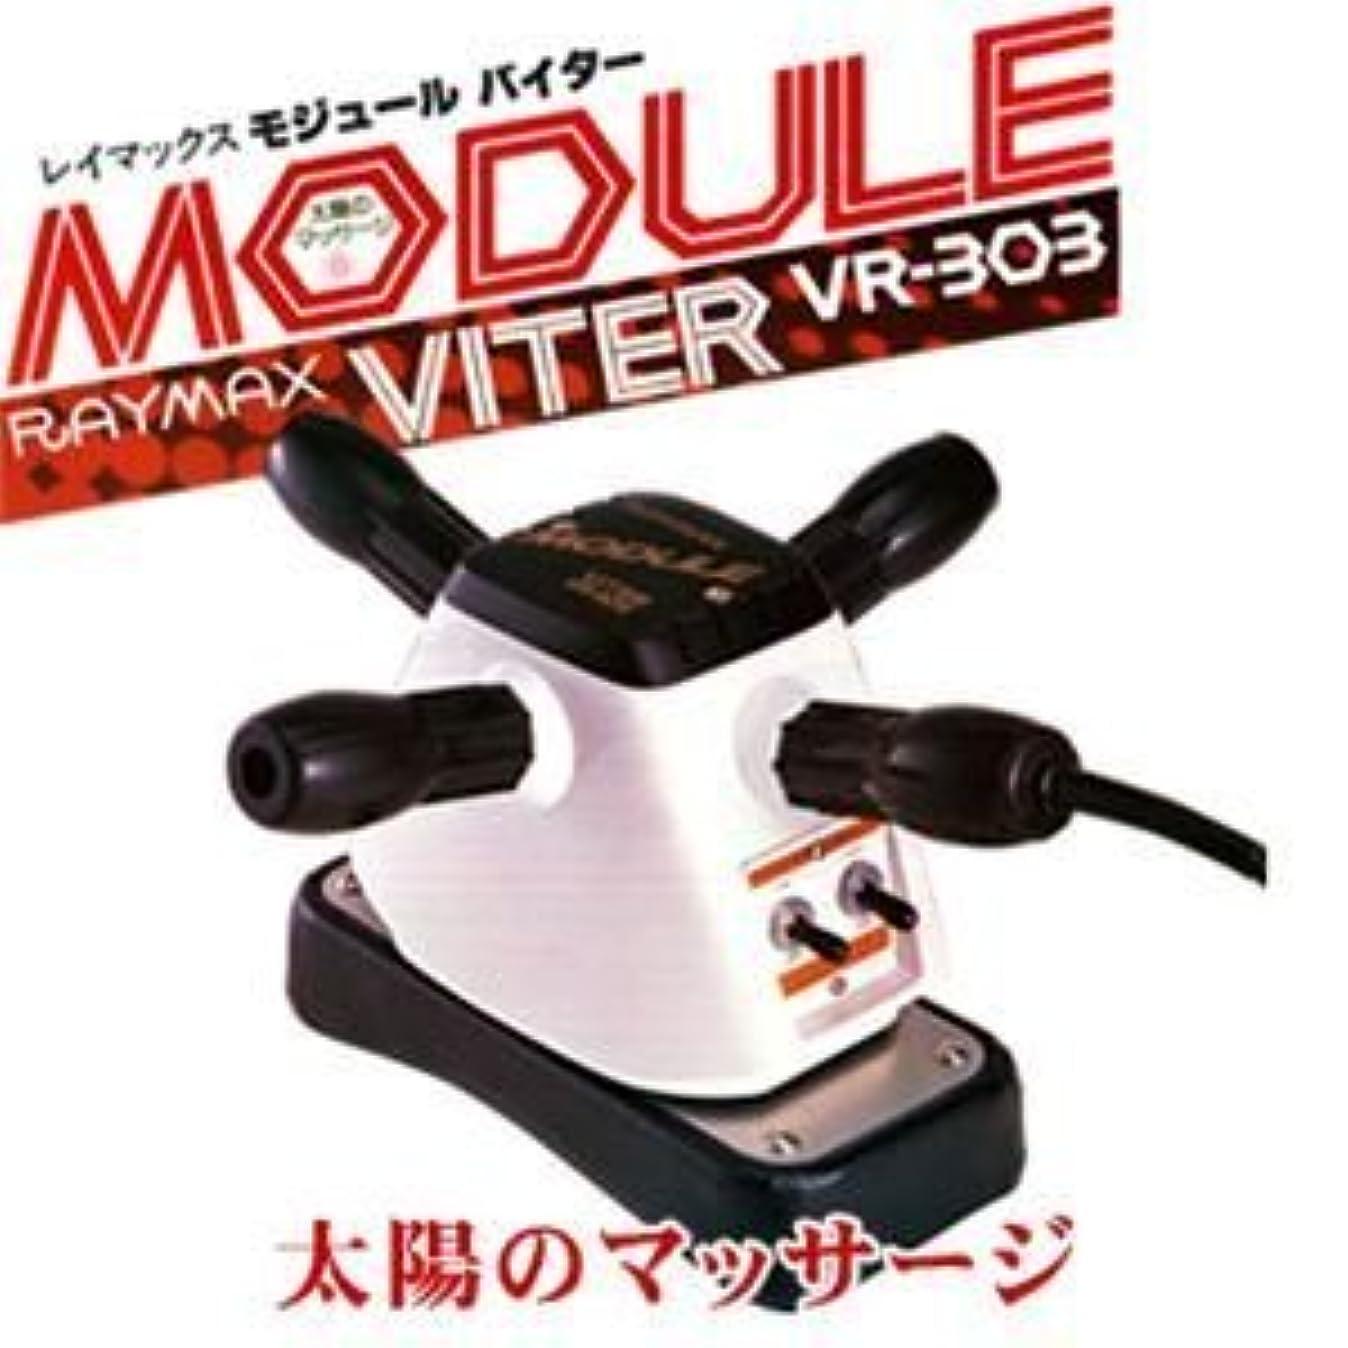 樹皮流体オーラルRAYMAX(レイマックス) モジュールバイター VR-303